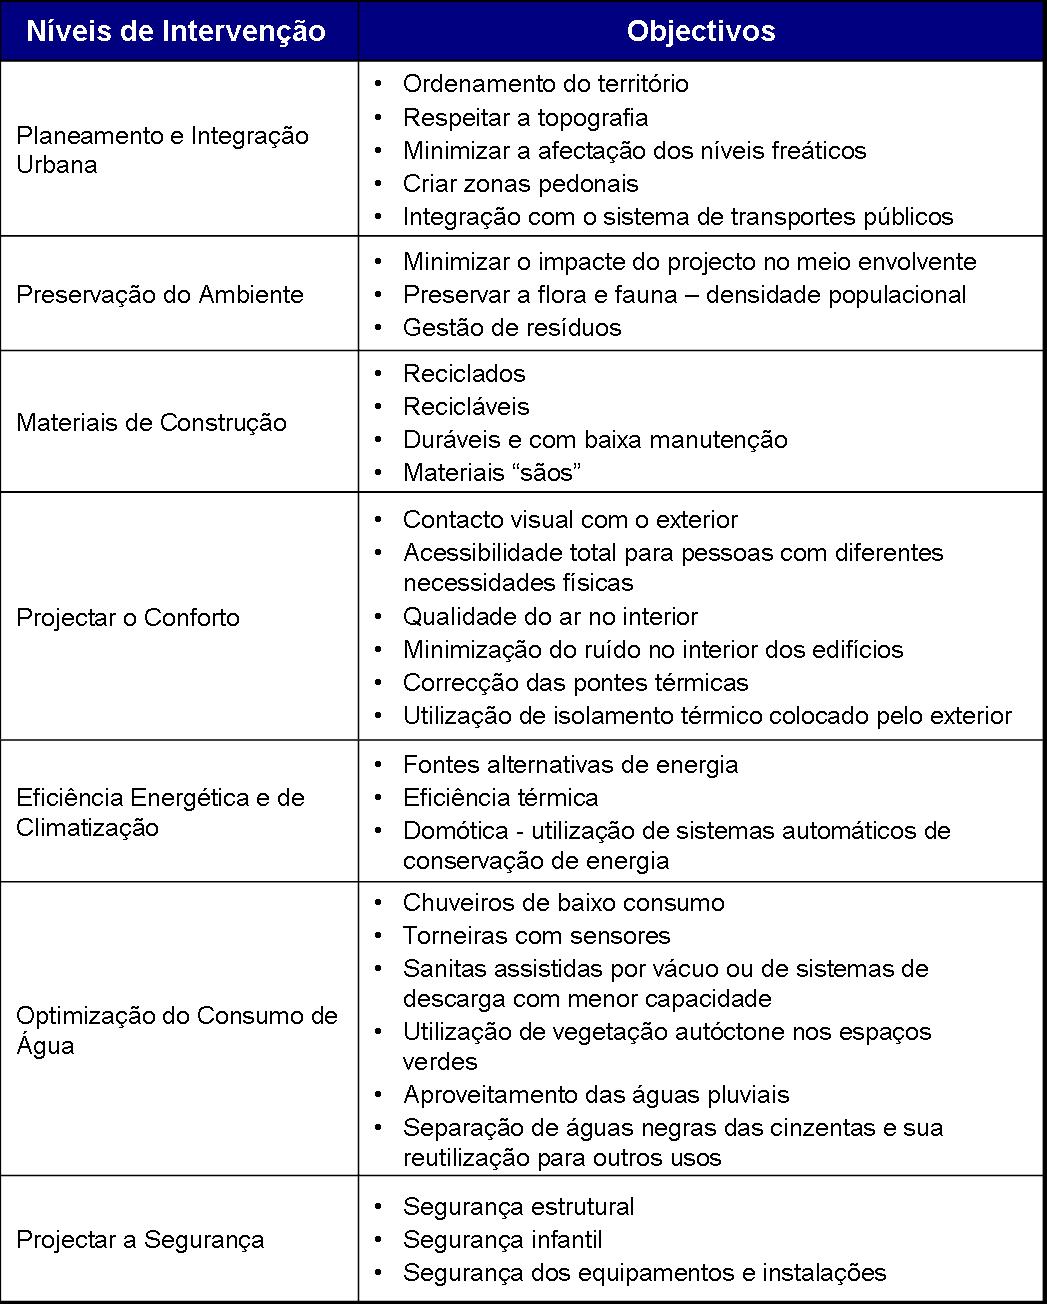 niveis de intervencoes e seus objectivos na fase de construcao